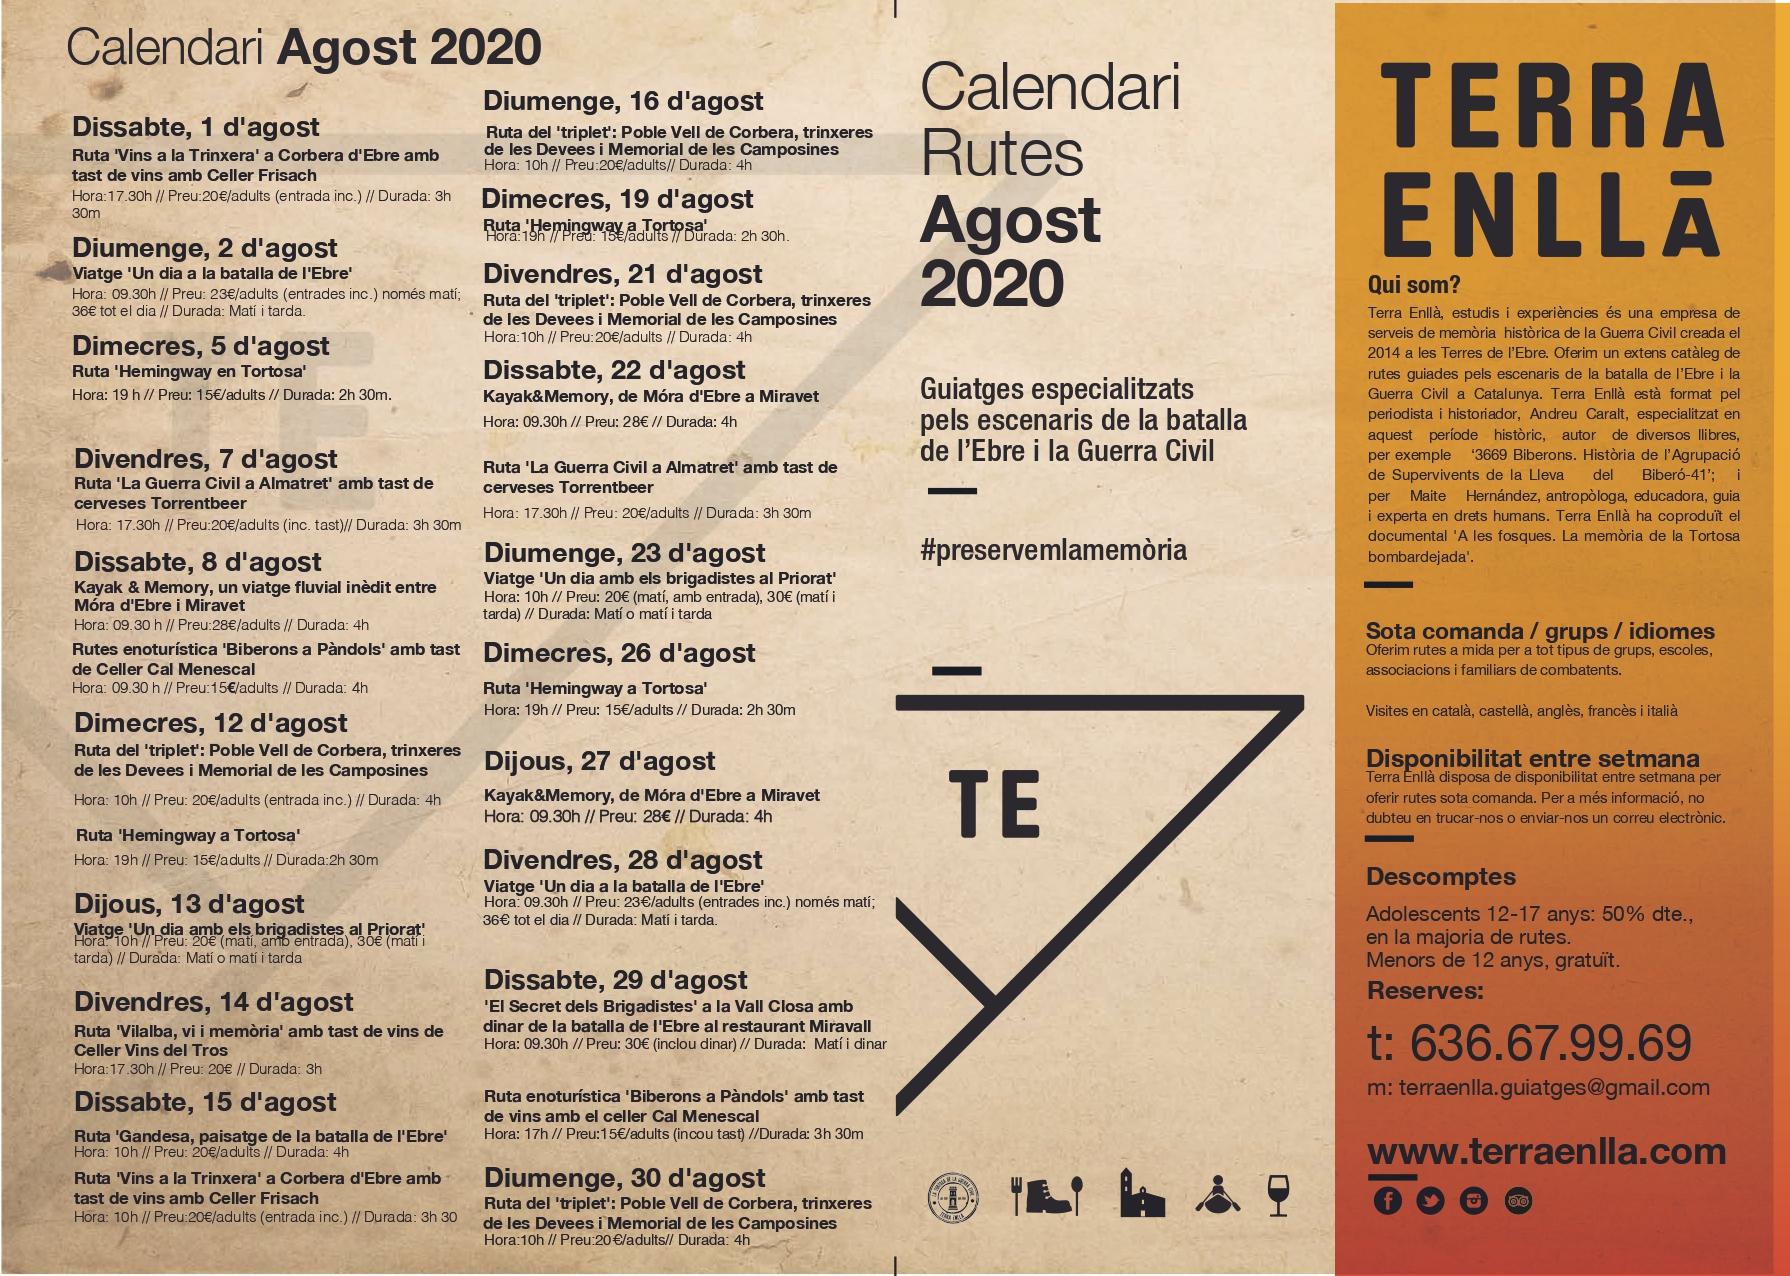 Terra Enllà. Calendari d'agost 2020, pàg. 1